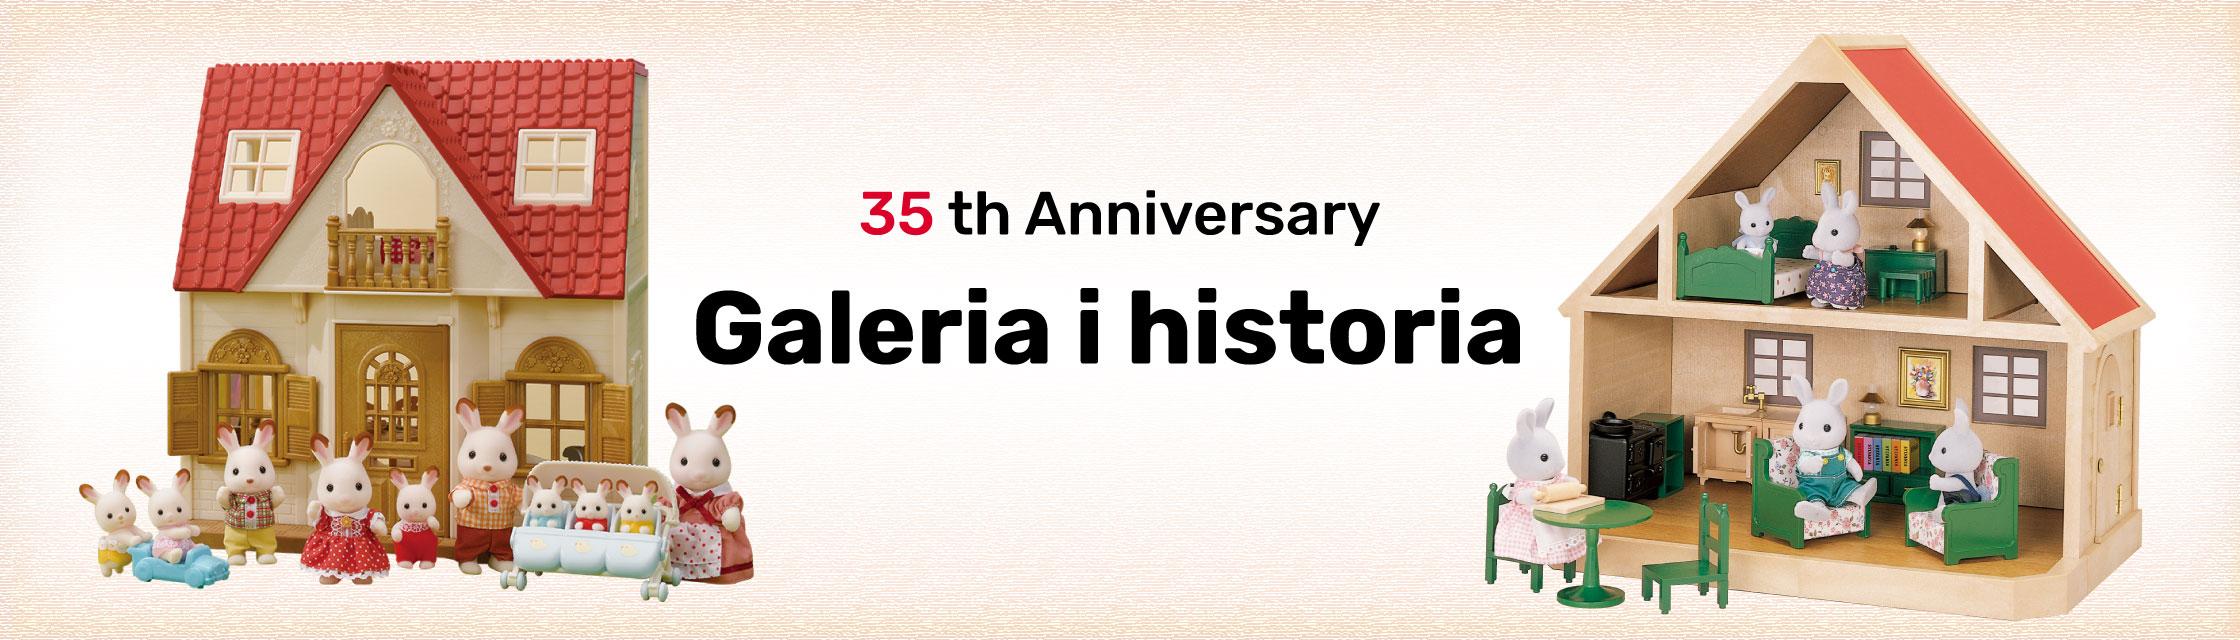 Galeria i historia